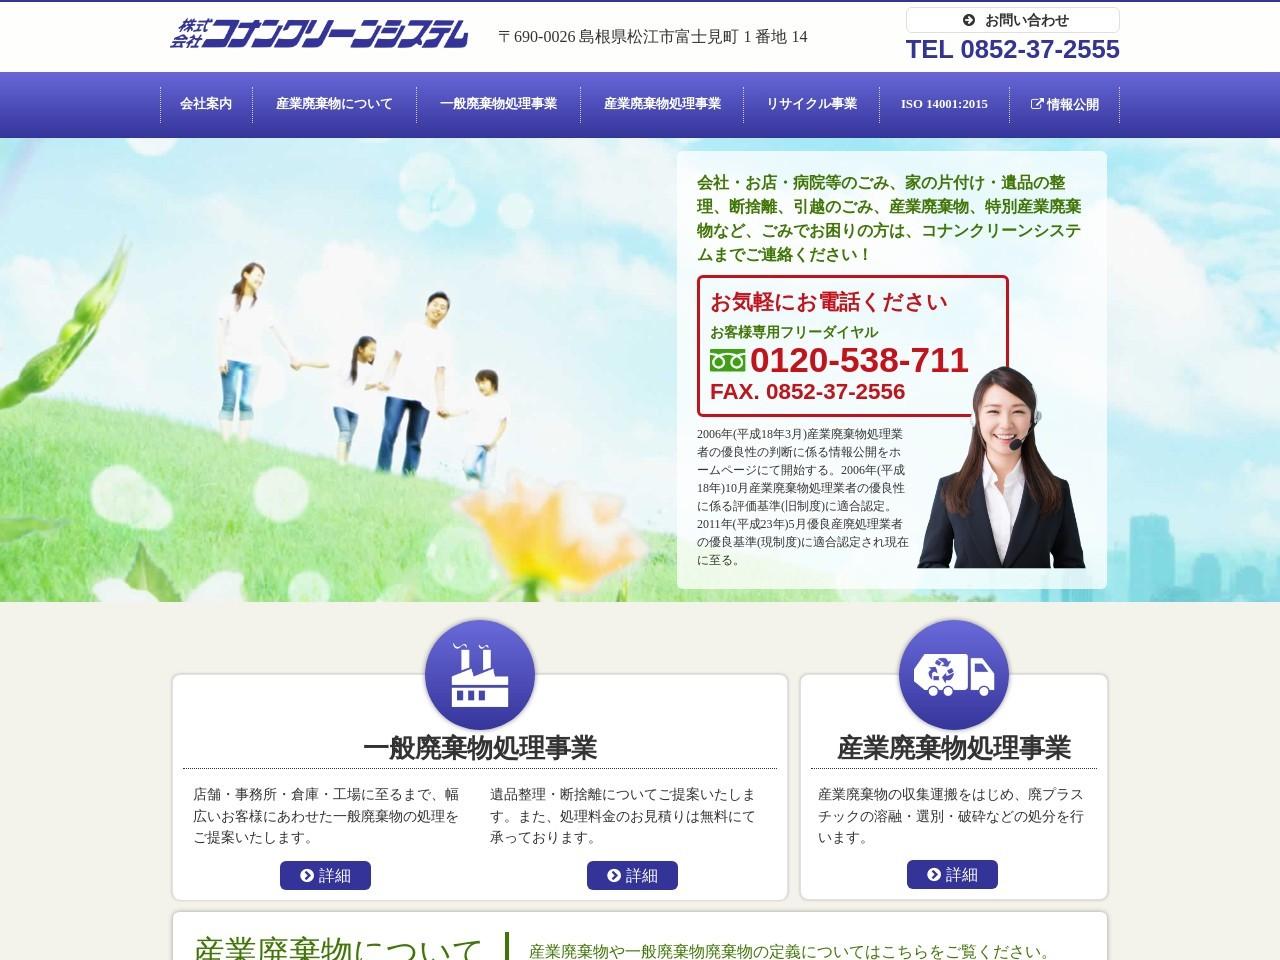 株式会社コナンクリーンシステム